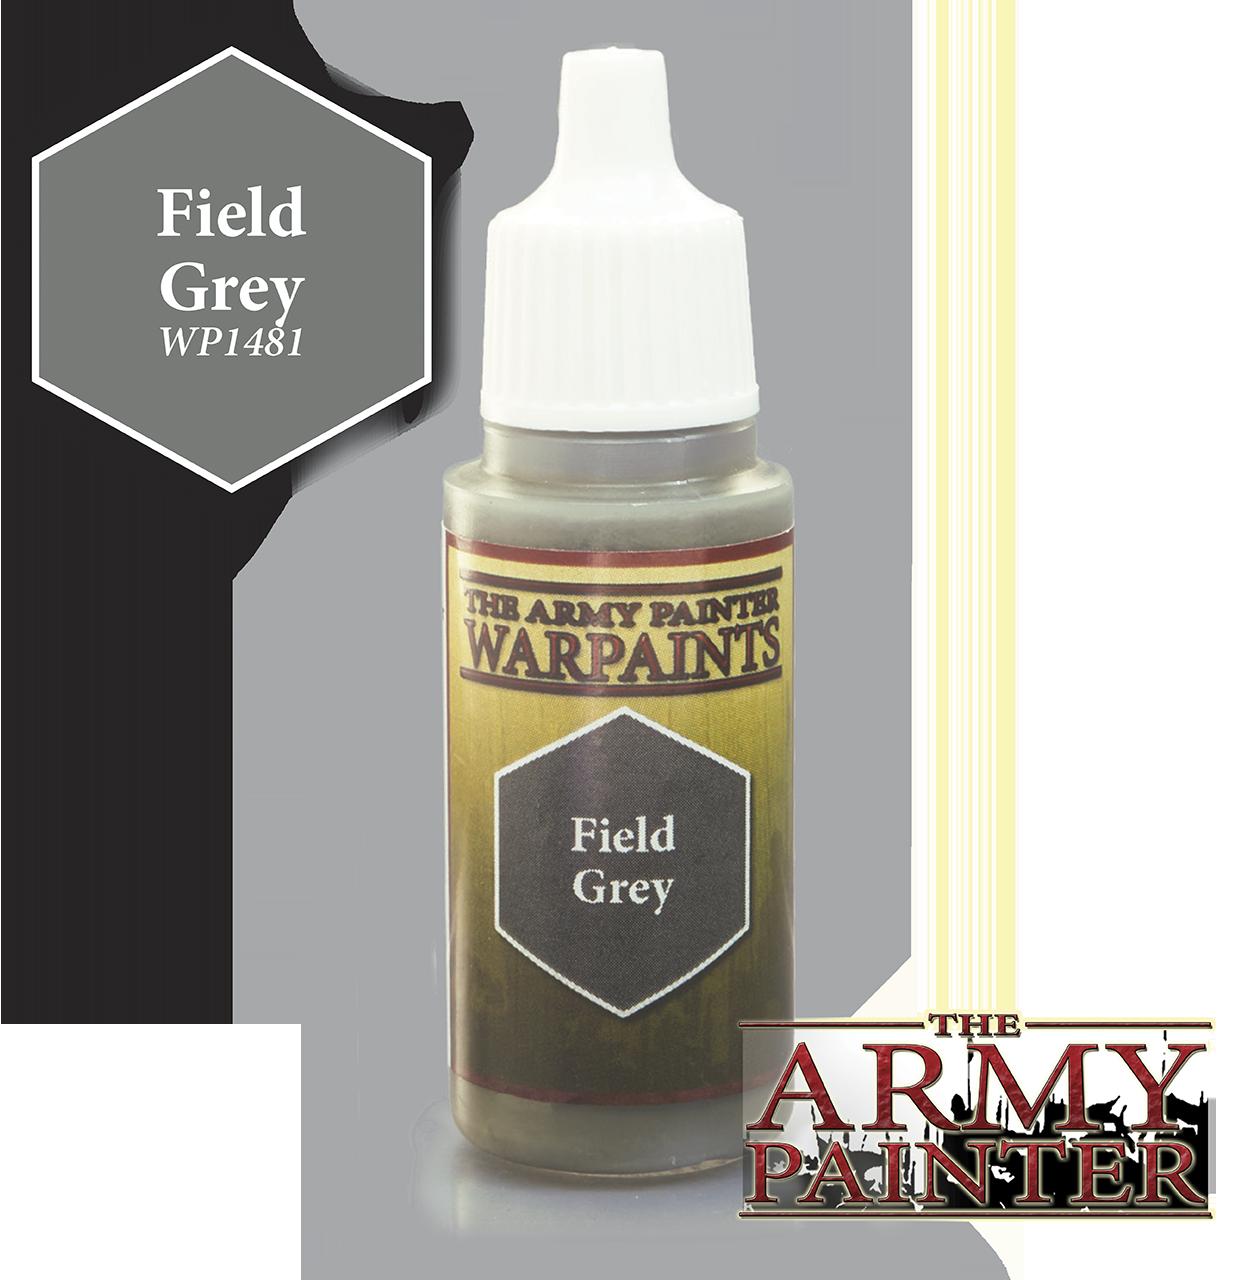 Field Grey - Army Painter Warpaints